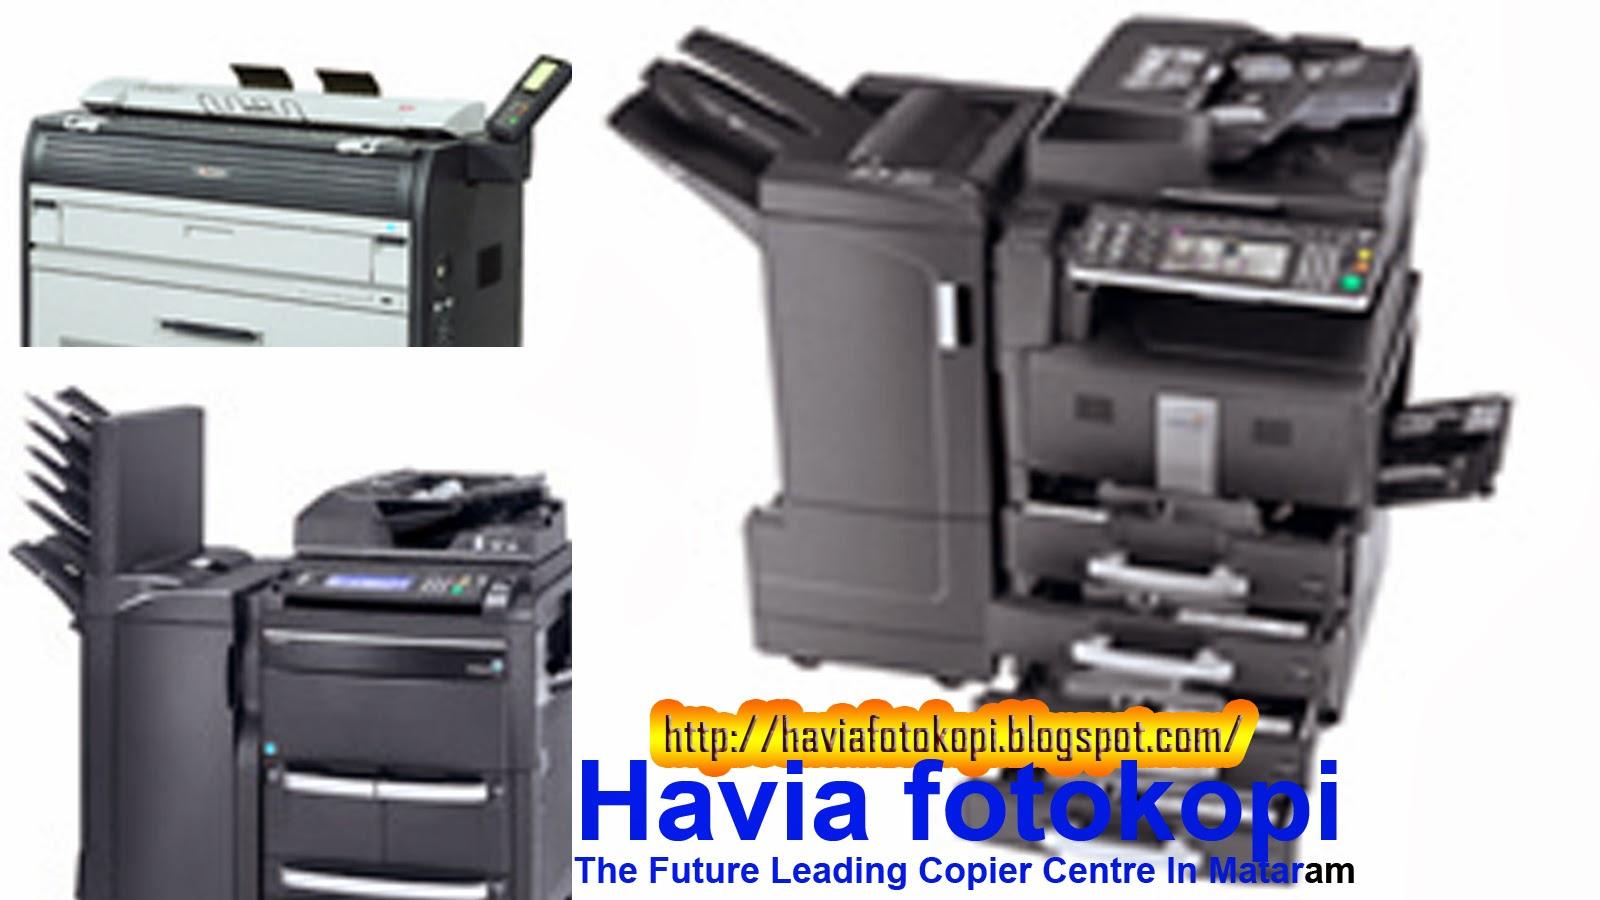 Bebrapa Contoh Mesin Fotocopy - Havia